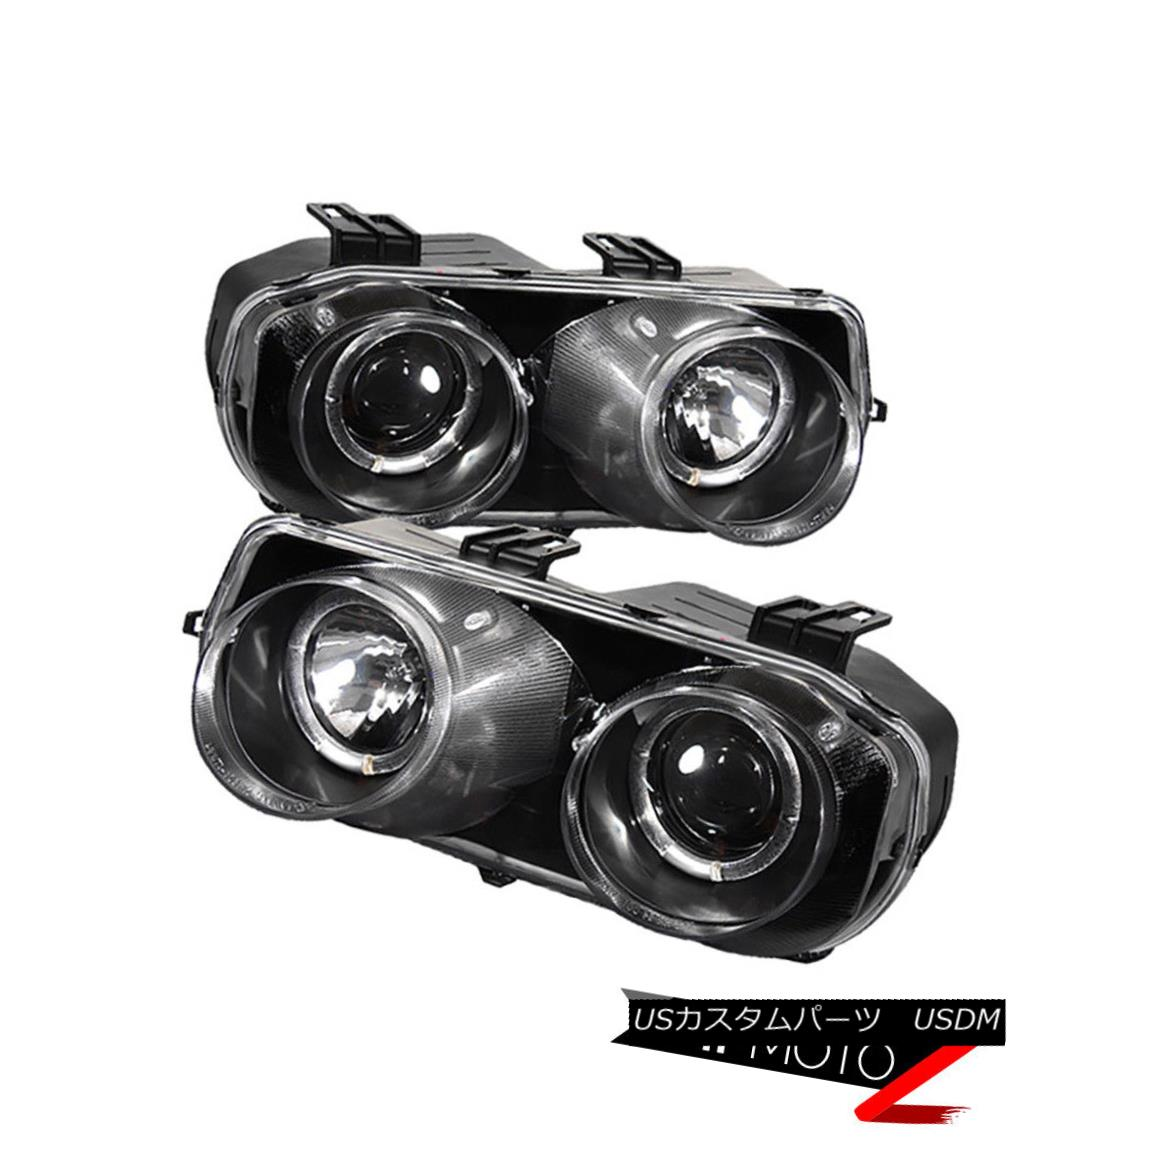 ヘッドライト 94-97 ACURA INTEGRA DC2 JDM Black Pair Left+Right Halo Projector Headlight Lamps 94-97 ACURA INTEGRA DC2 JDMブラックペア左+右ハロープロジェクターヘッドライトランプ